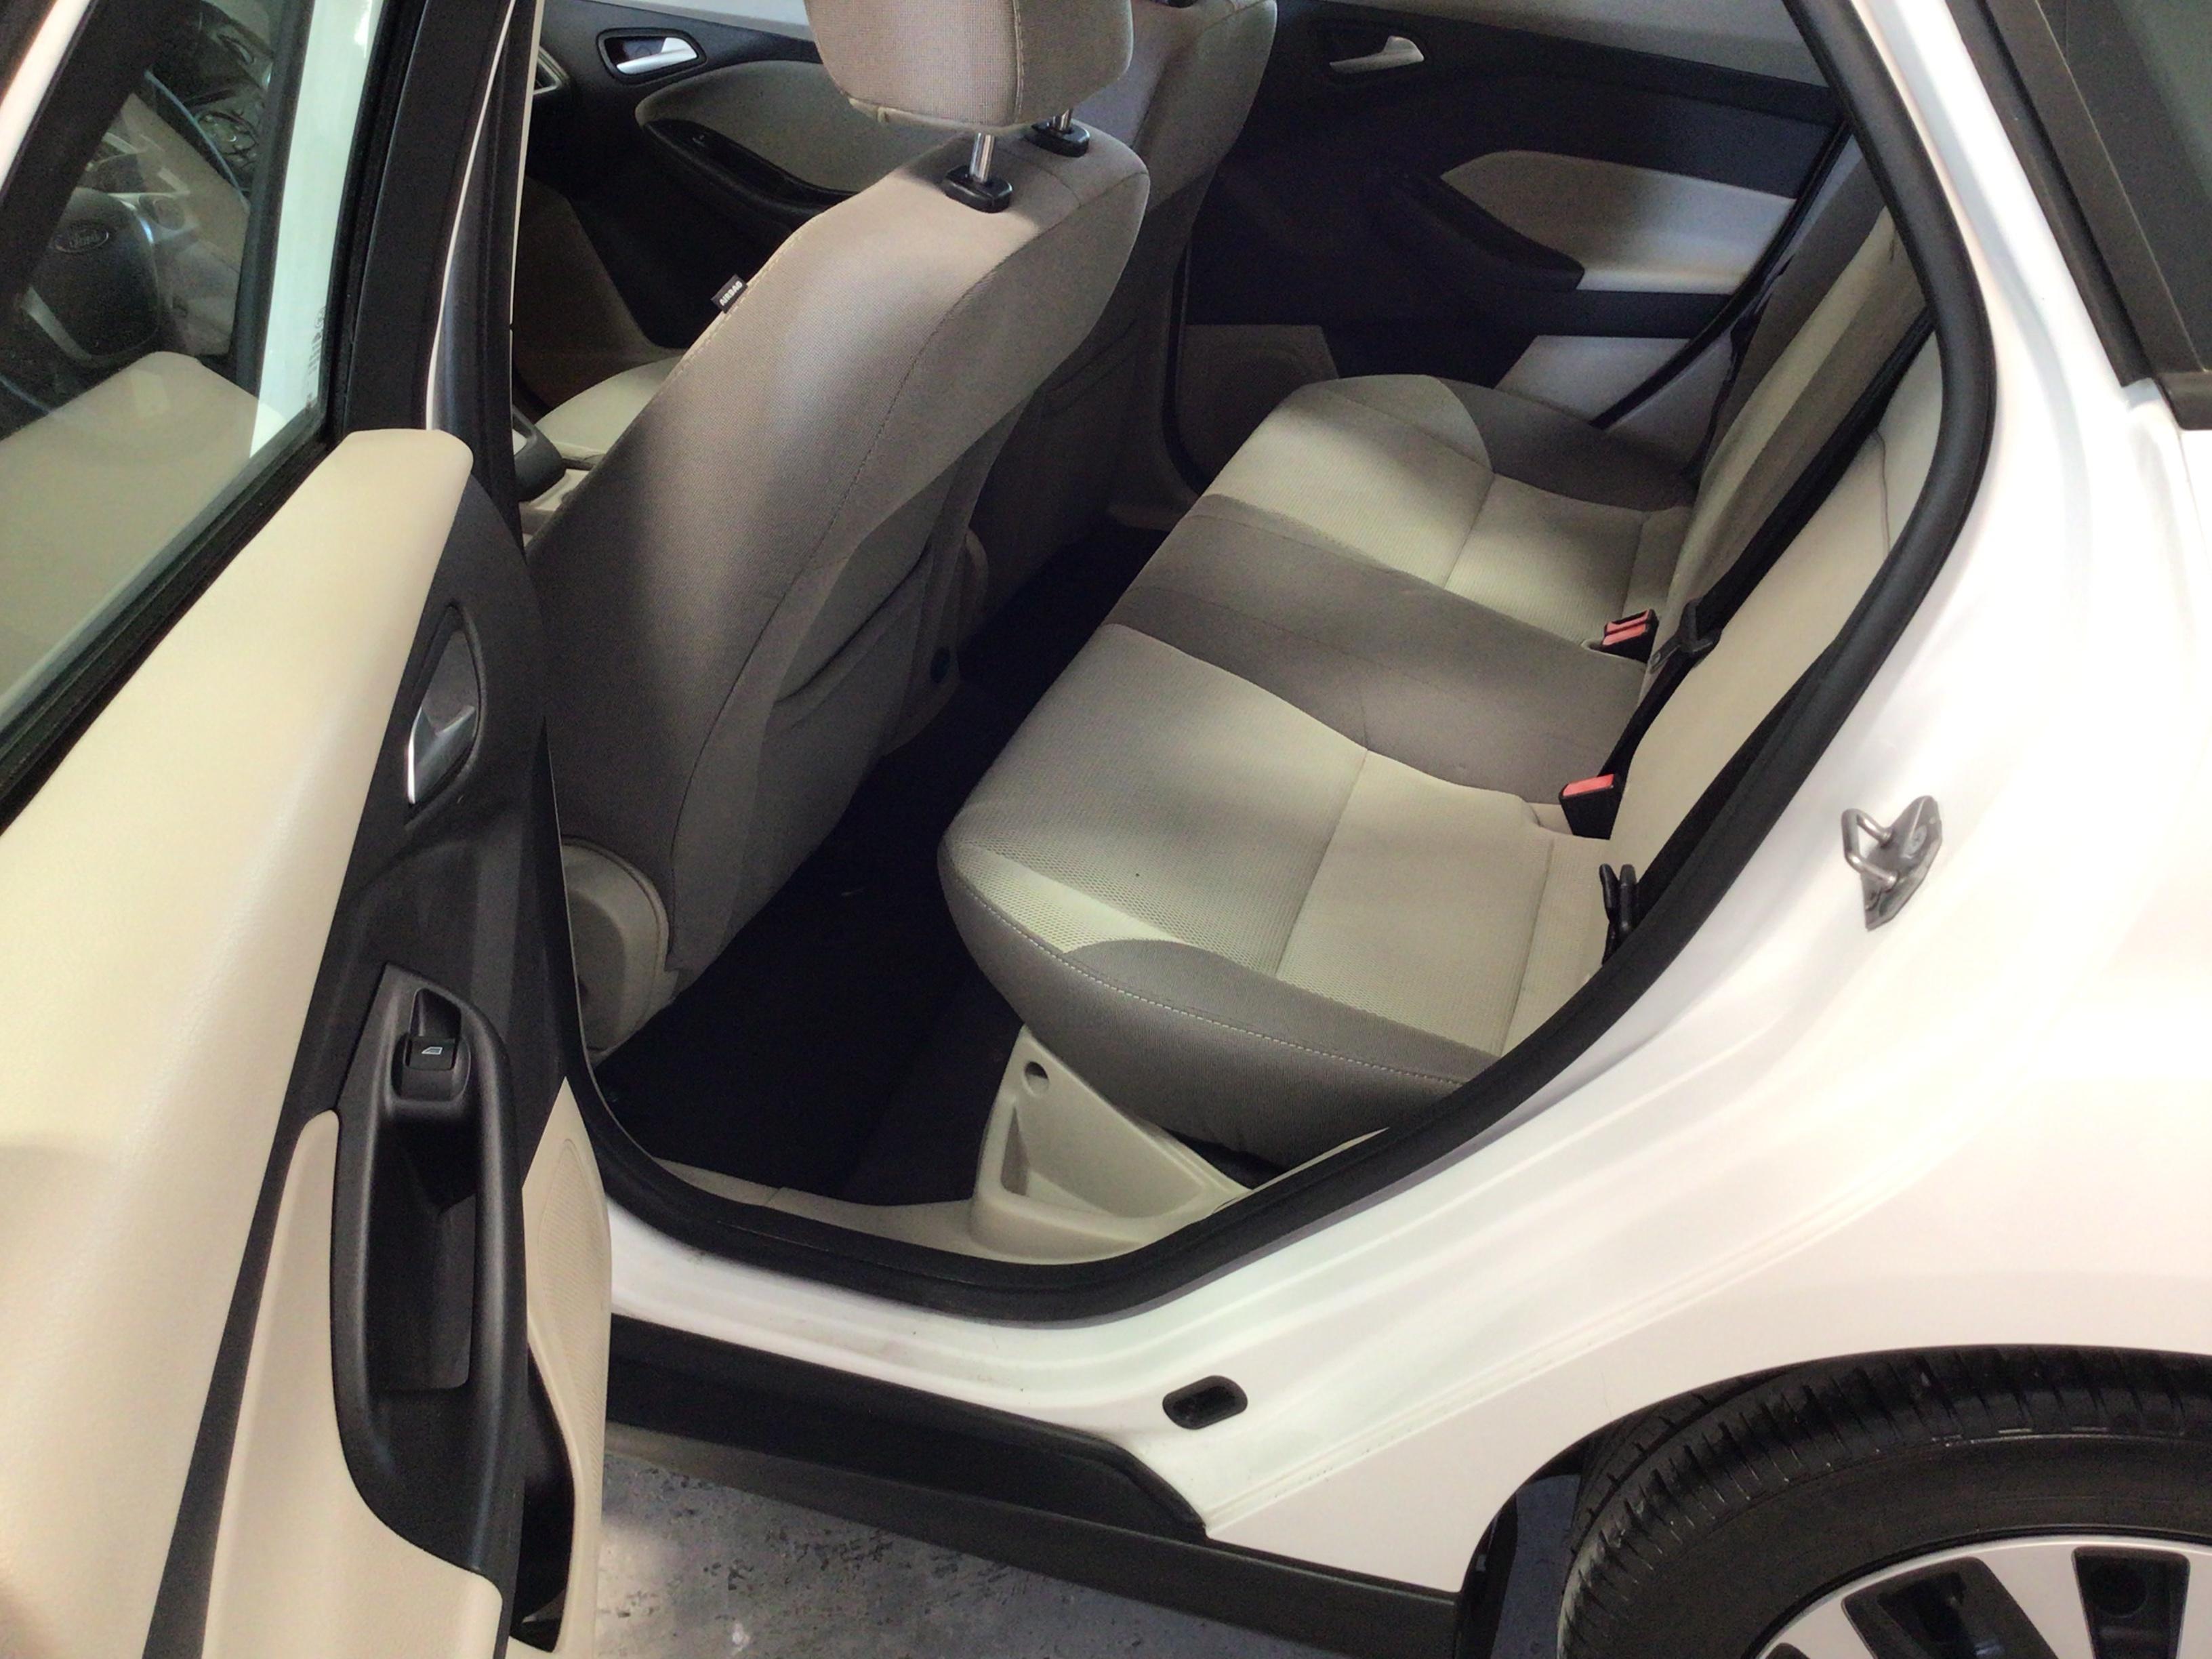 used vehicle - Sedan FORD FOCUS 2013